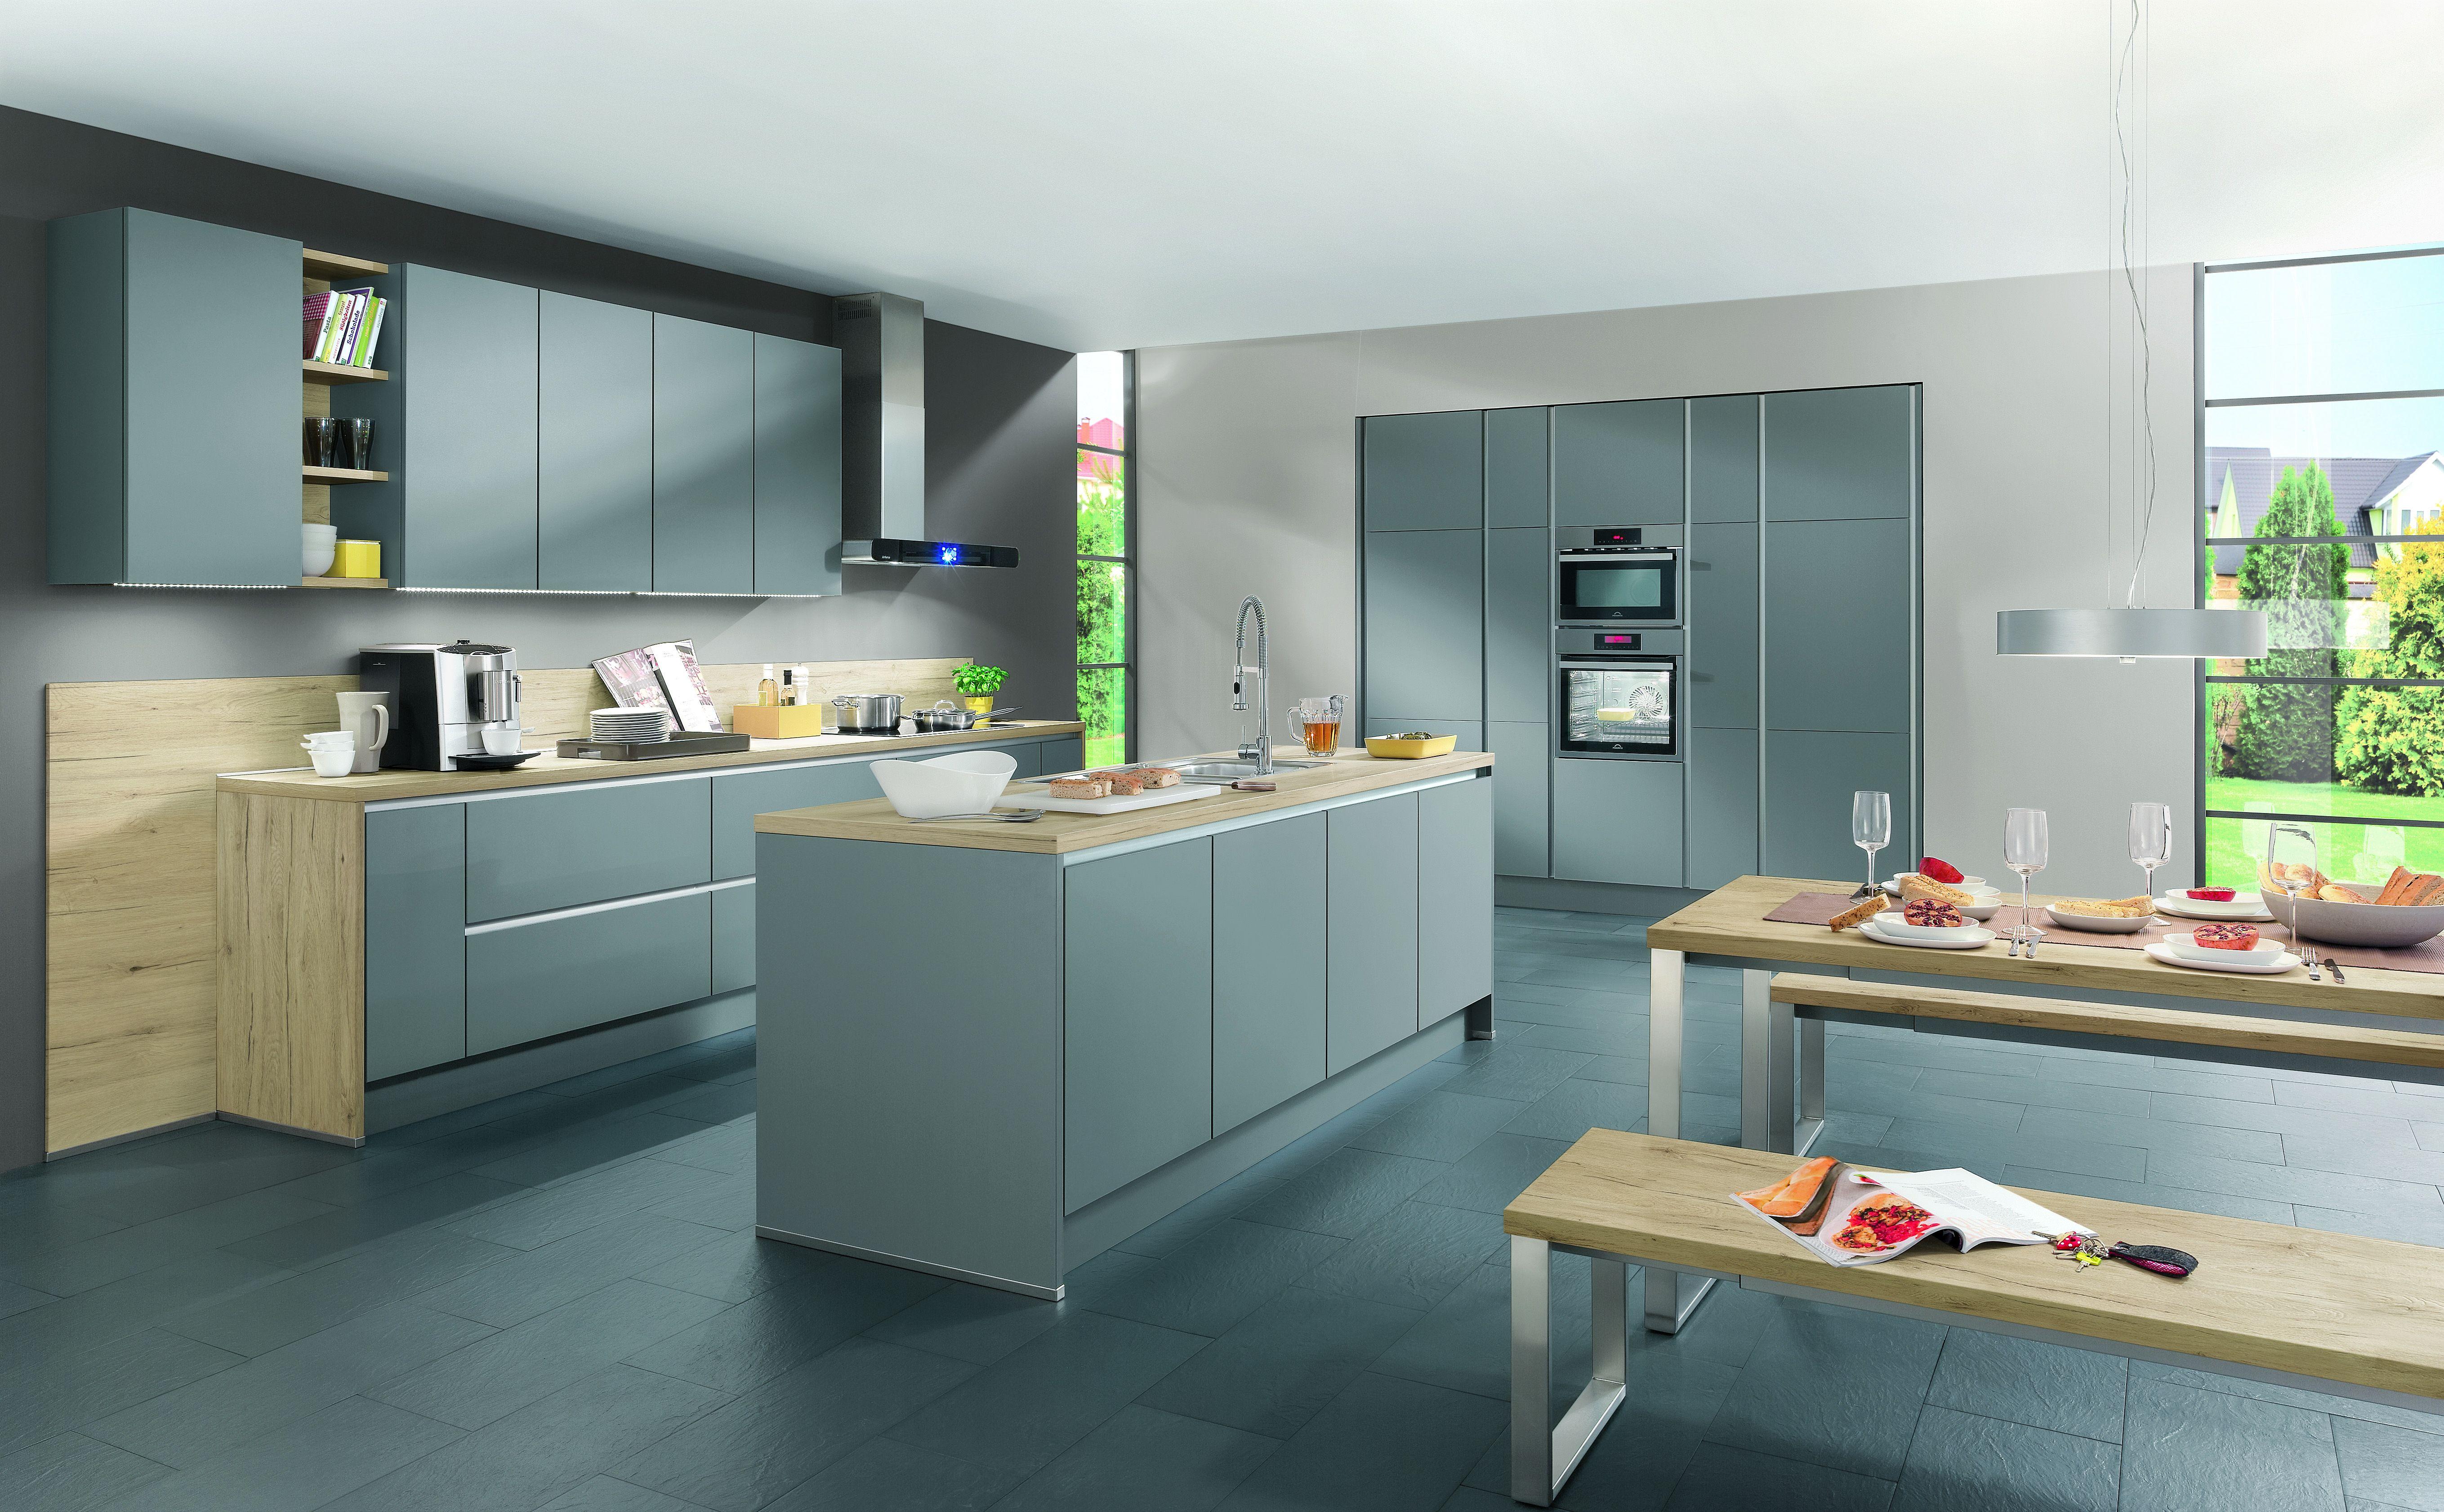 Offene Küchen offene küche besonderheiten planungstipps vor nachteile